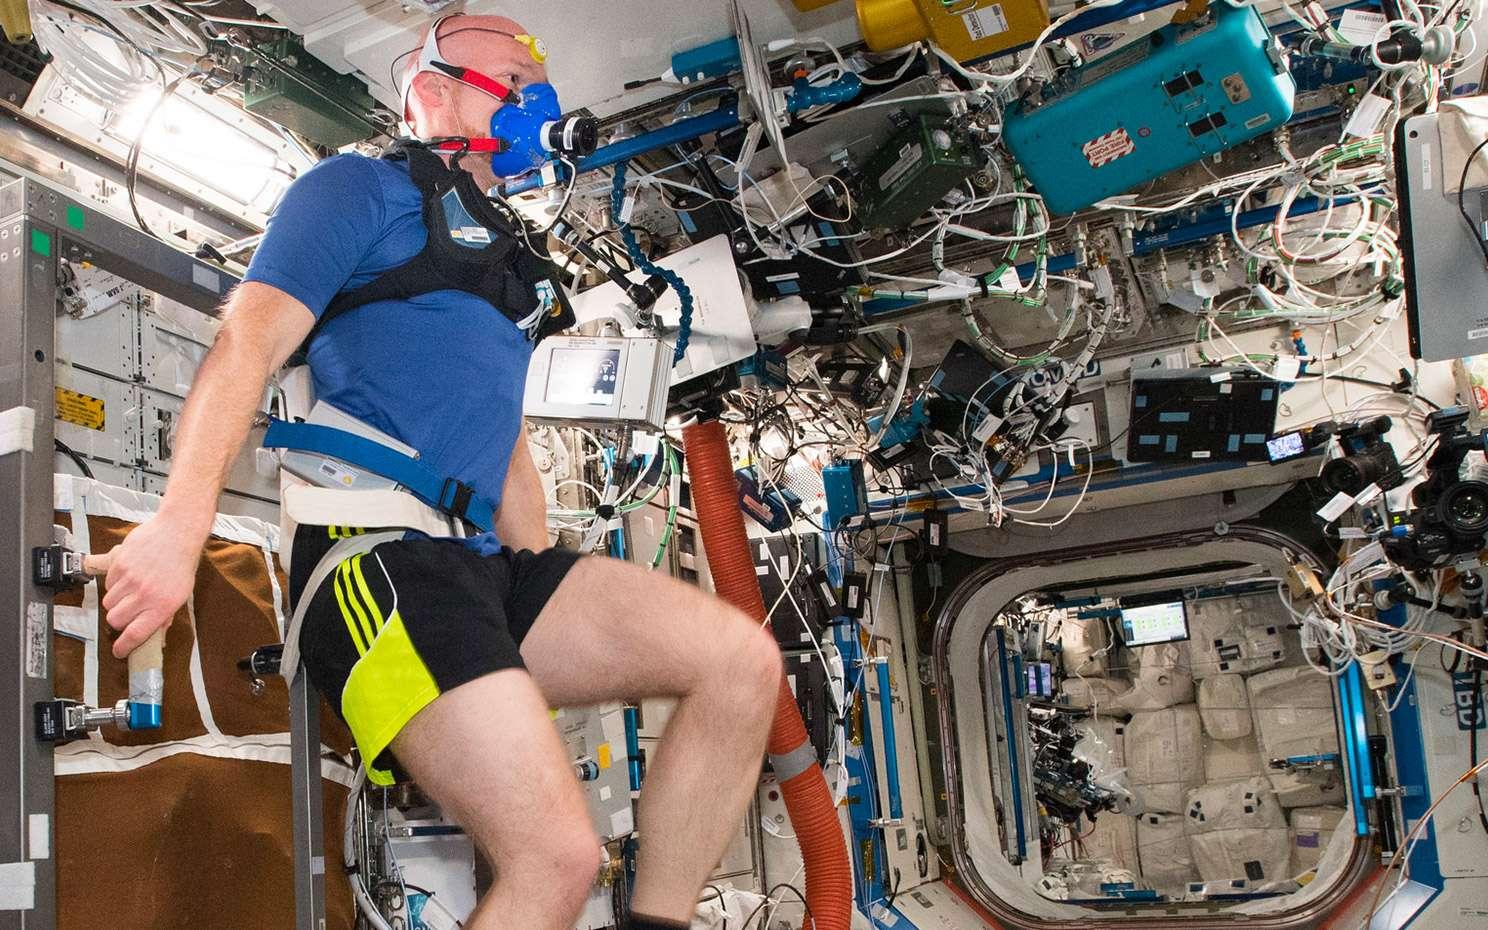 L'astronaute européen, de nationalité allemande, Alexander Gerst, à bord de la Station spatiale internationale (août 2018). © ESA, Nasa